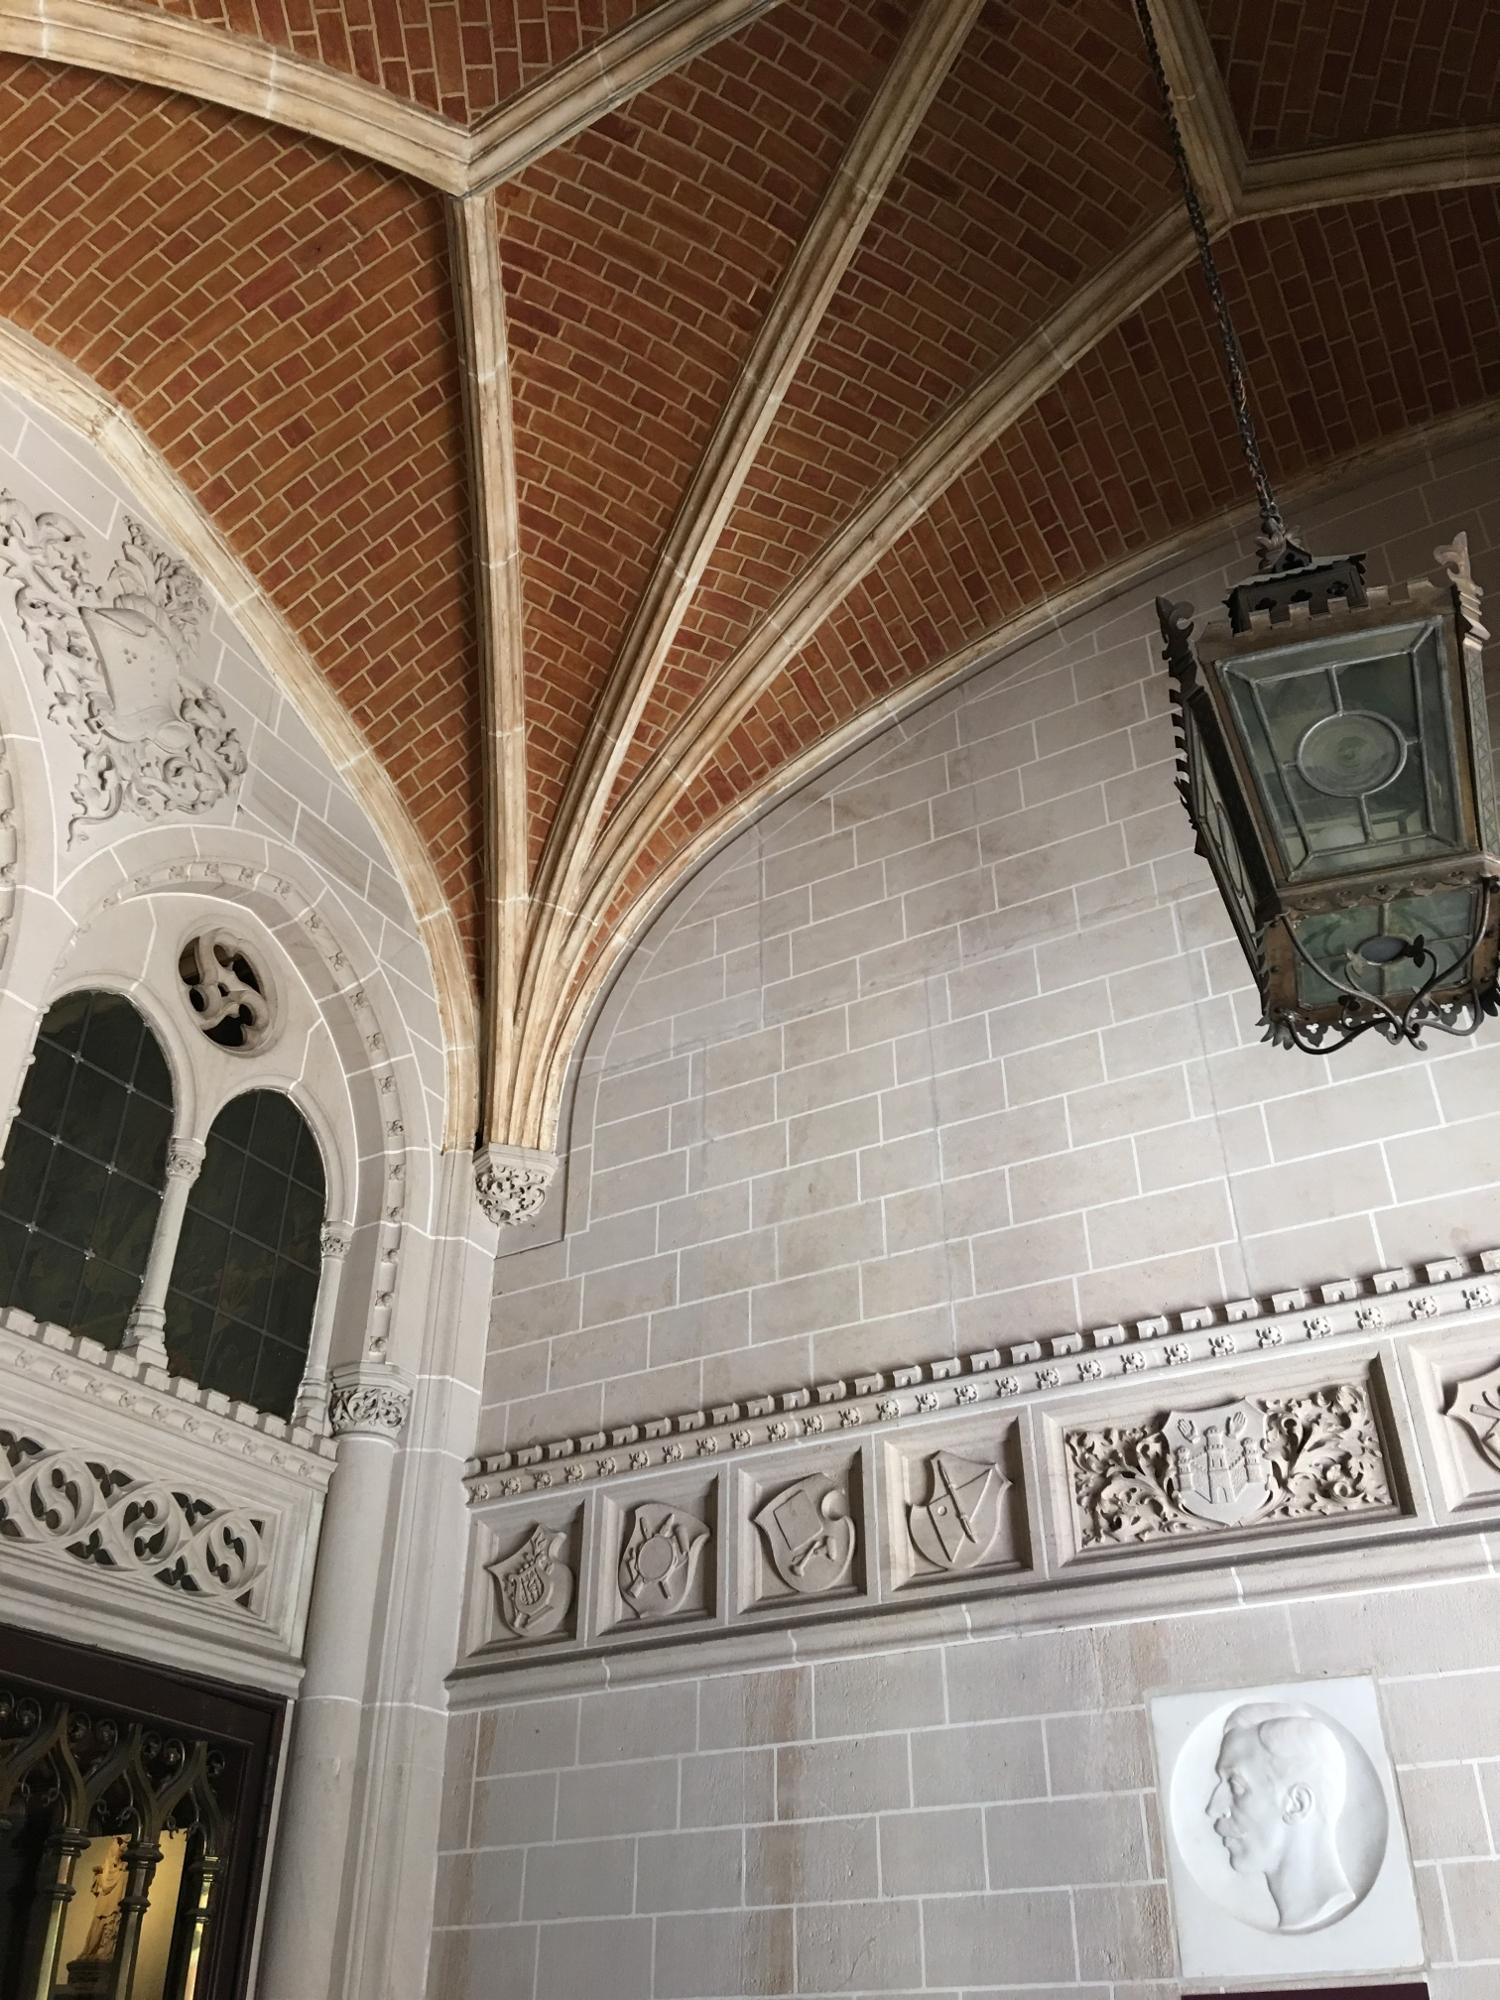 rocaille-blog-museum-fritz-mayer-van-den-bergh-anversa-antwerpen-flander-fiandre-36